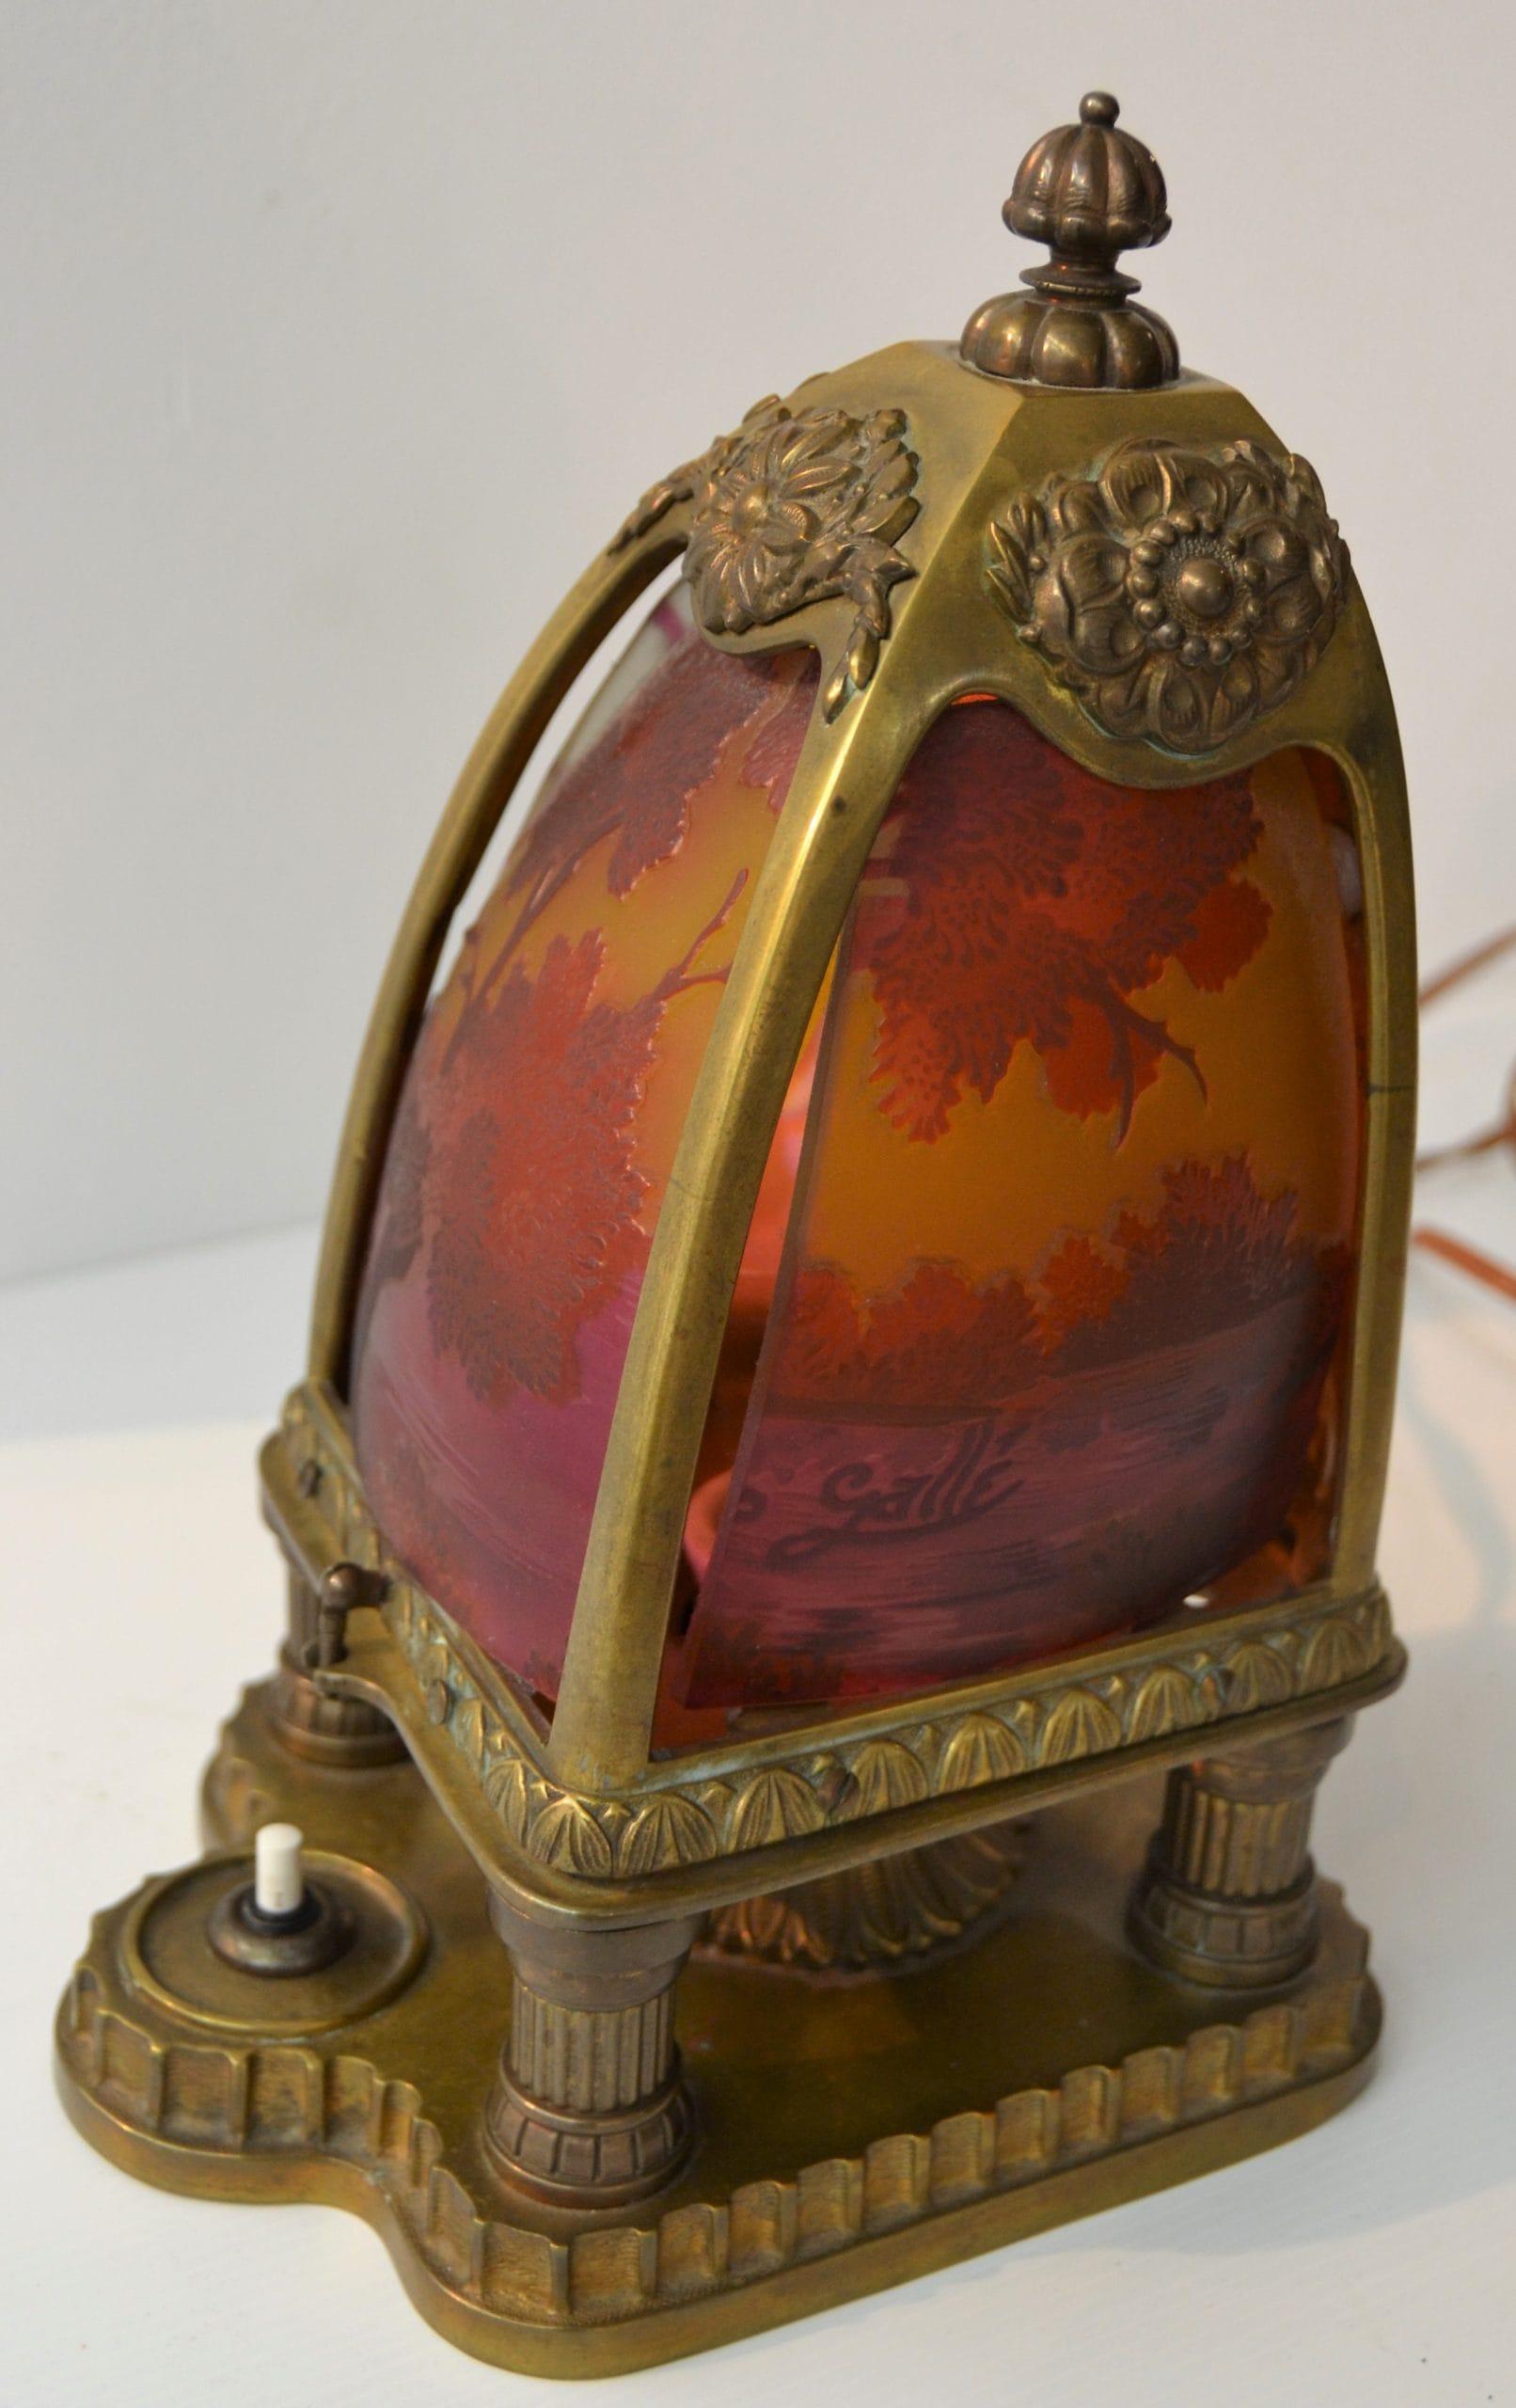 Gallé lámpa, jelezve az oldalán